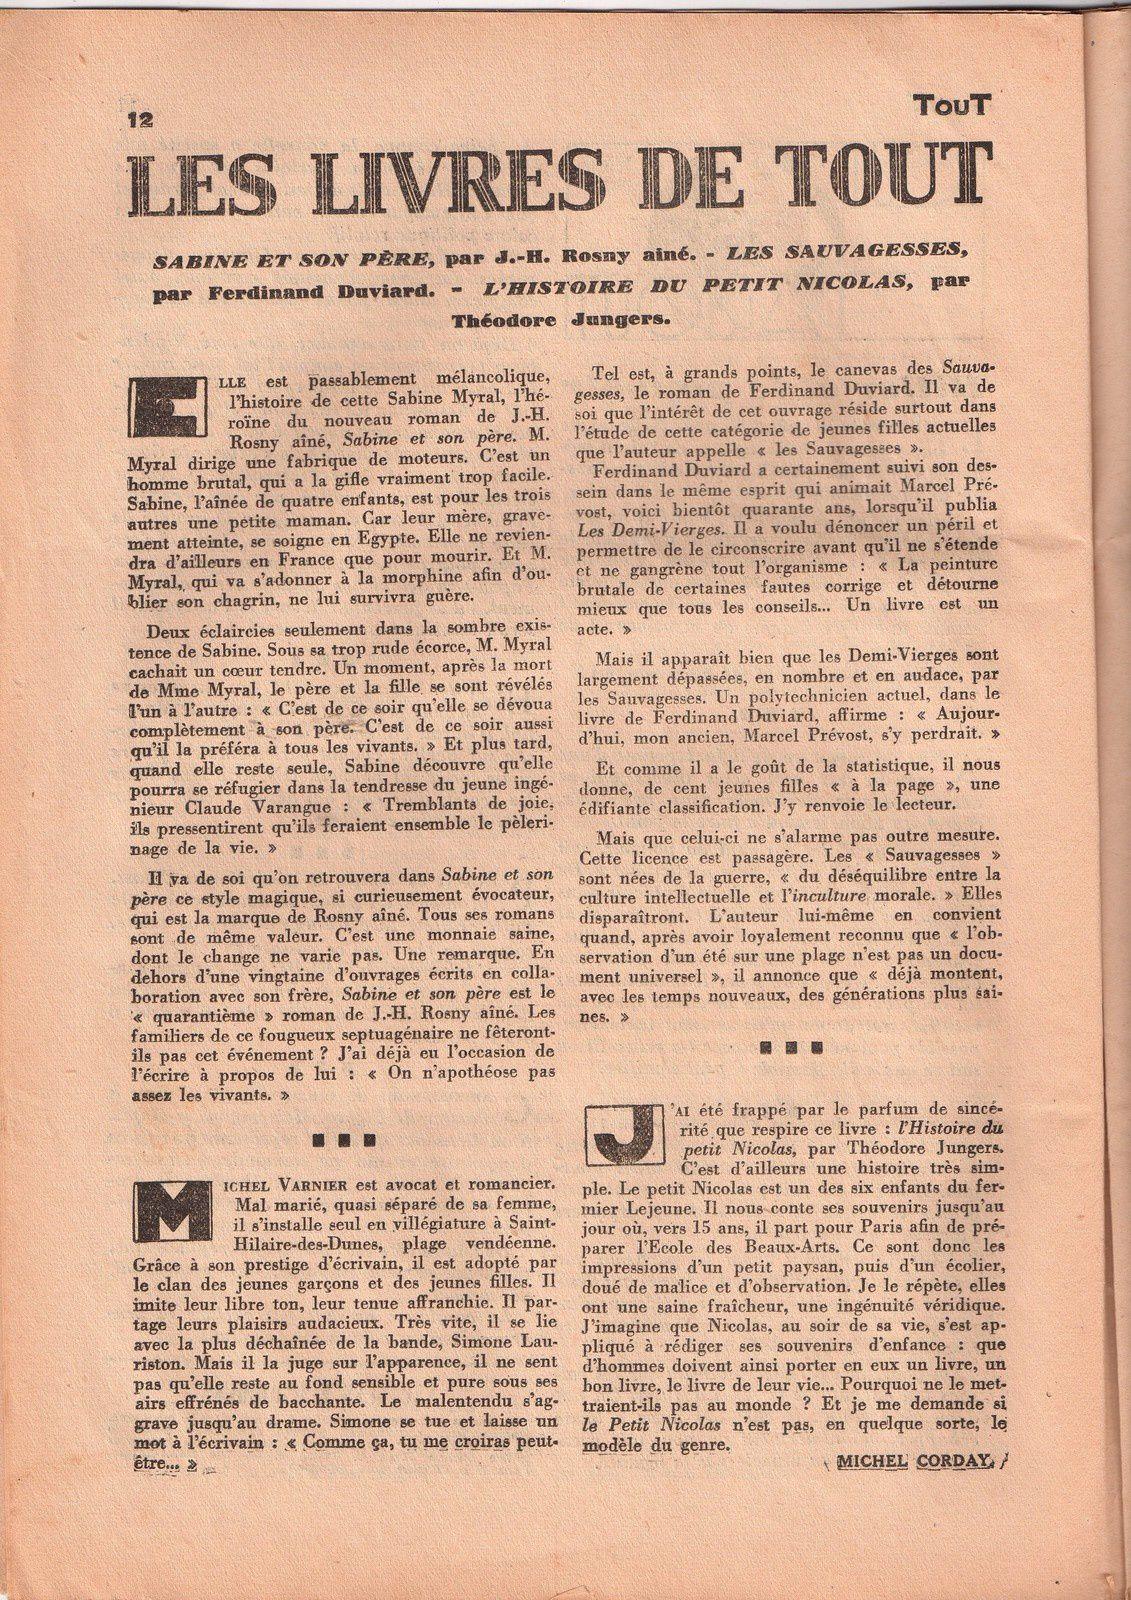 """Critique de """"Sabine et son père"""" par Michel Corday (1932)"""